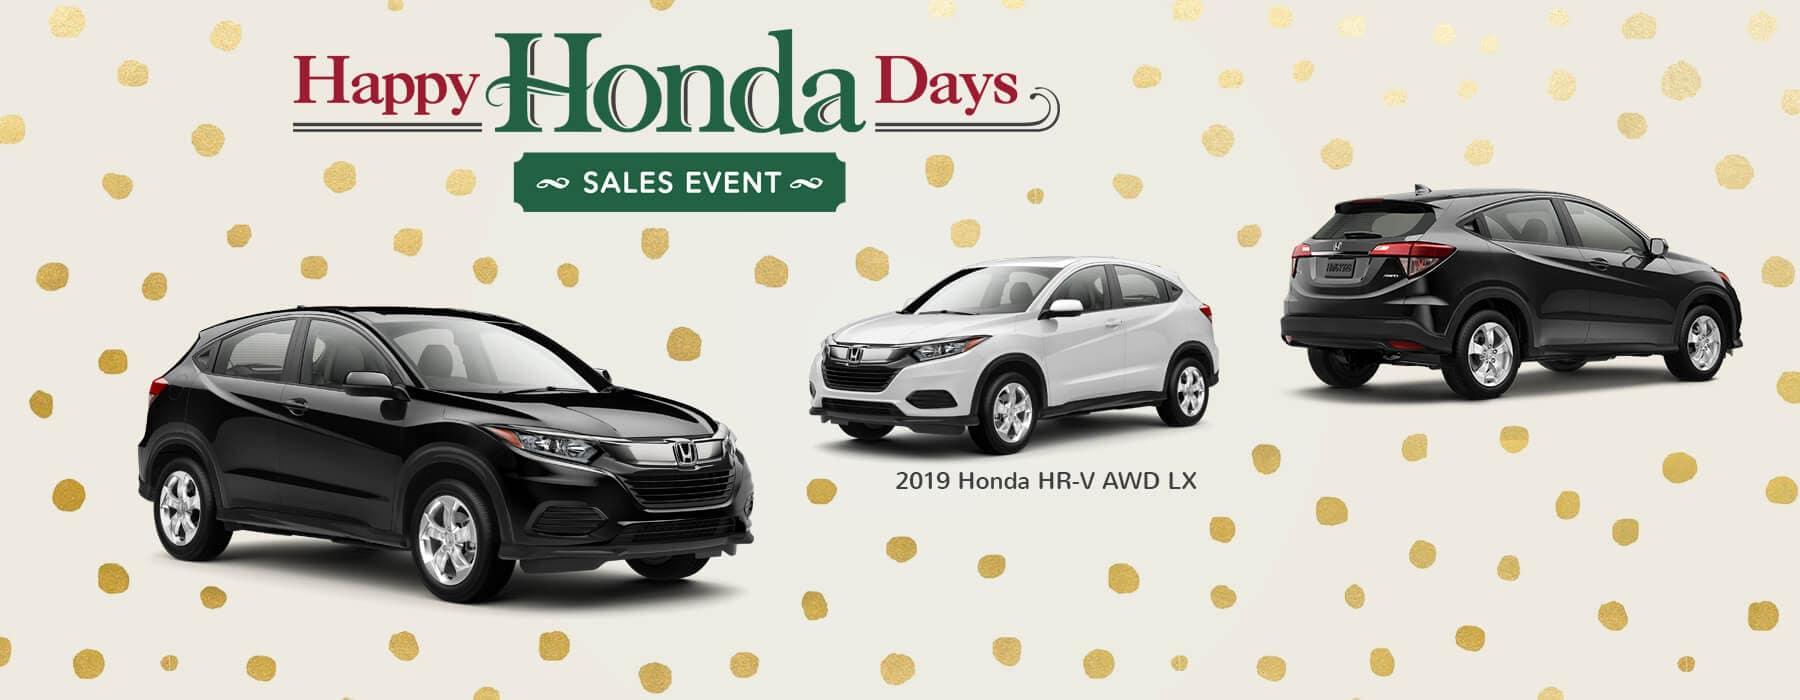 Happy Honda Days Sales Event 2019 Honda HR-V Slider